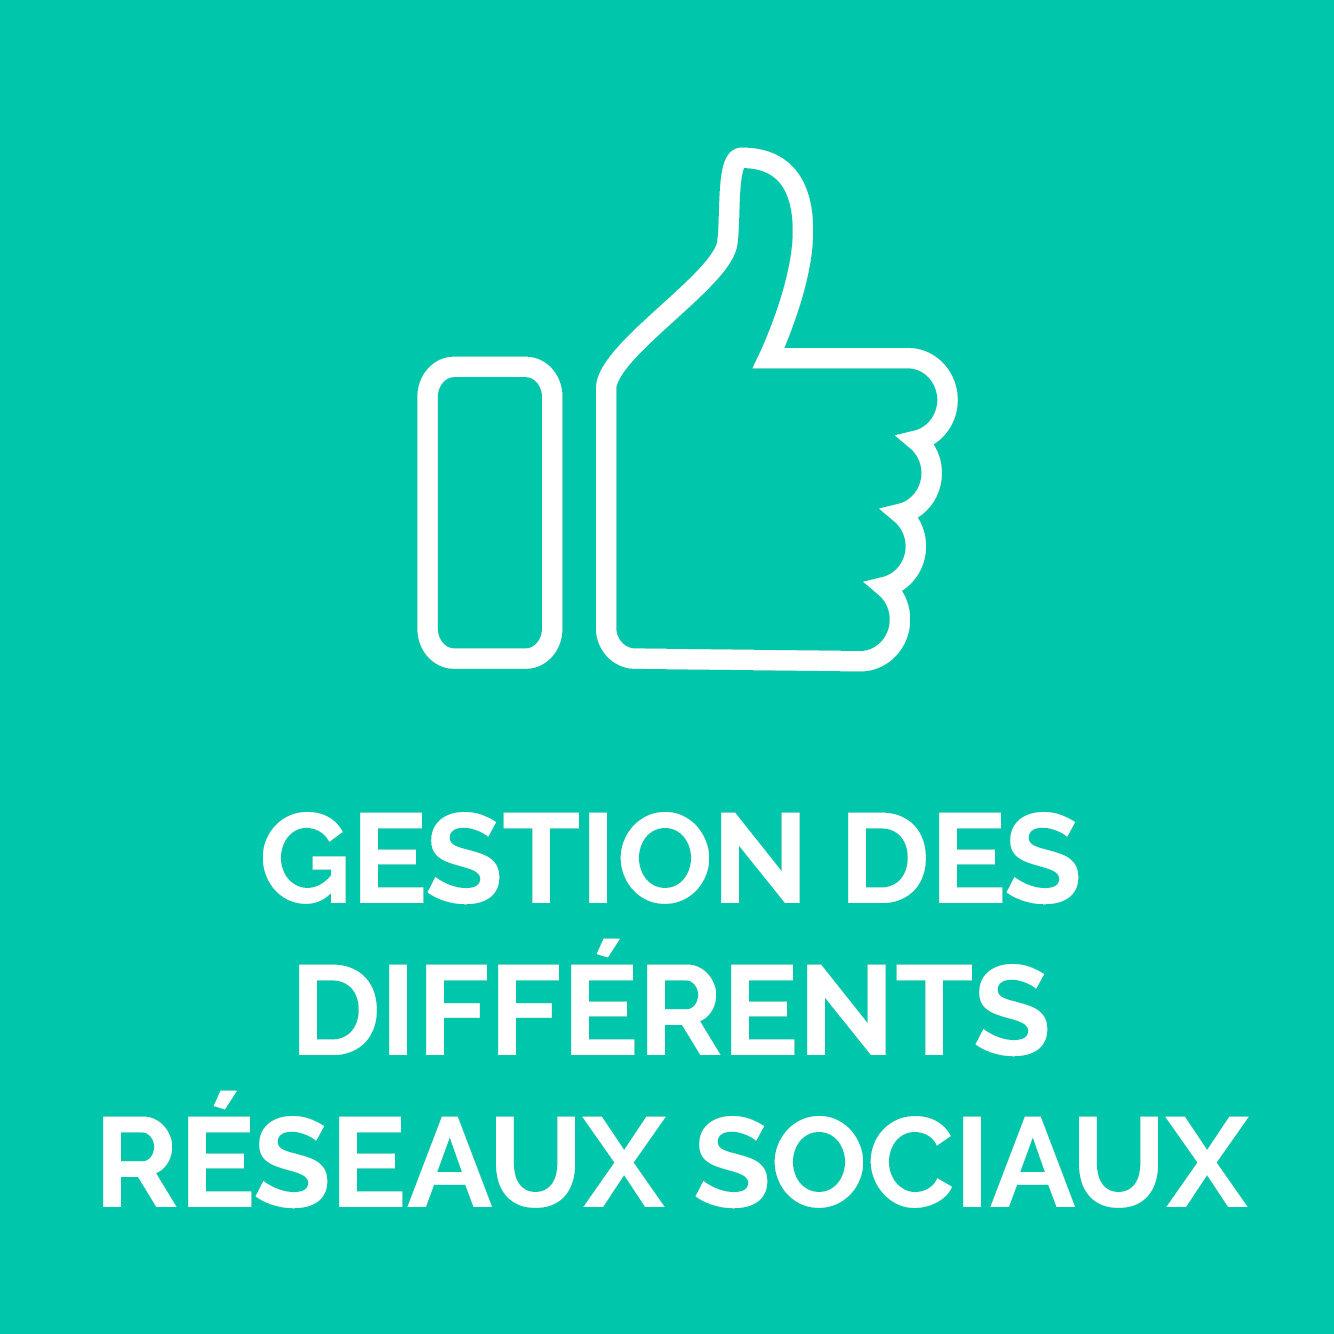 GESTION DES DIFFERENTS RESEAUX SOCIAUX